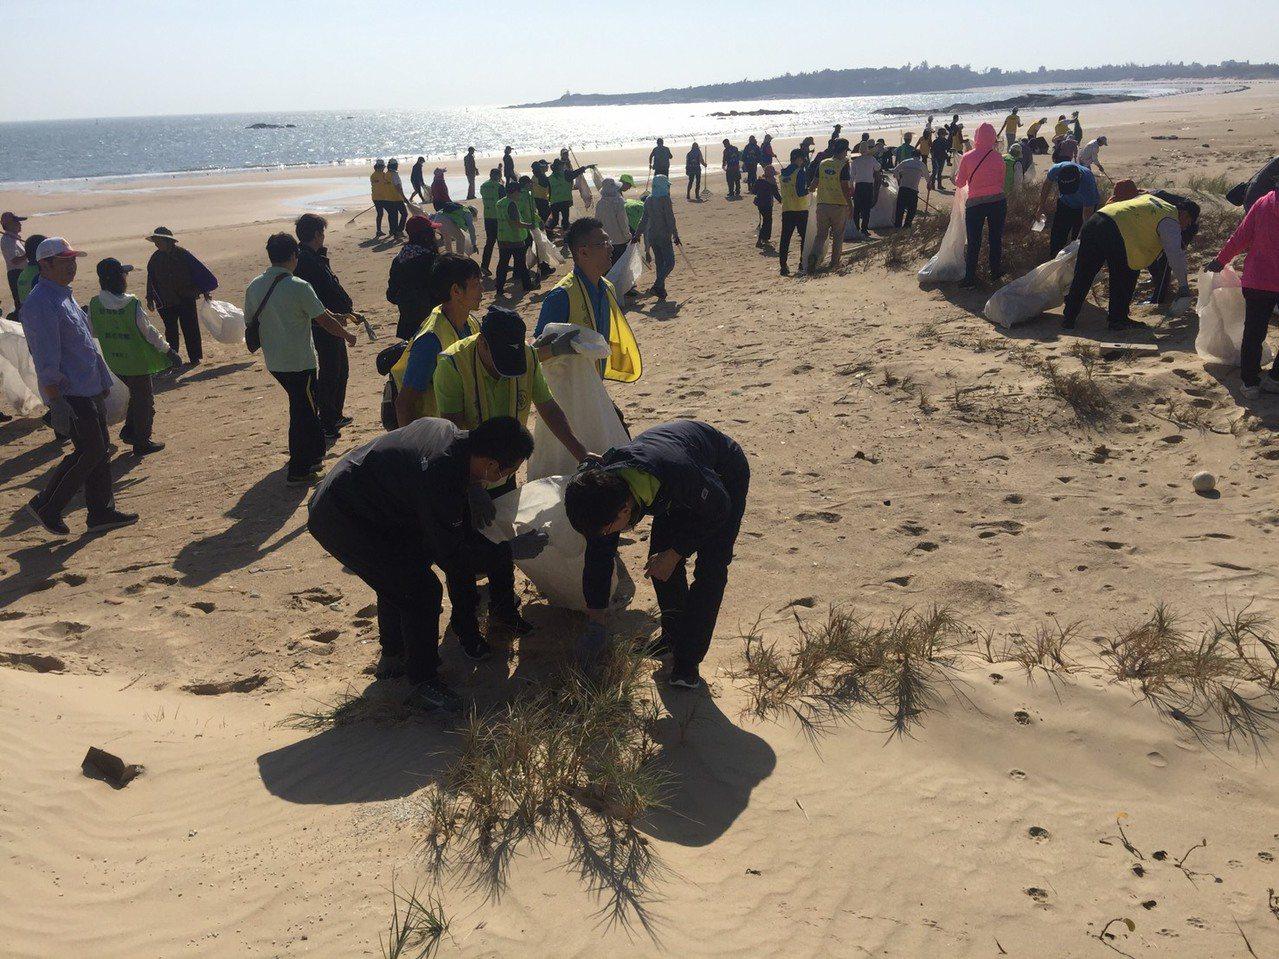 金門縣各鄉鎮公所今天上午同步在各海灘舉辦年度秋季淨灘活動,清除海岸雜物、垃圾物品...